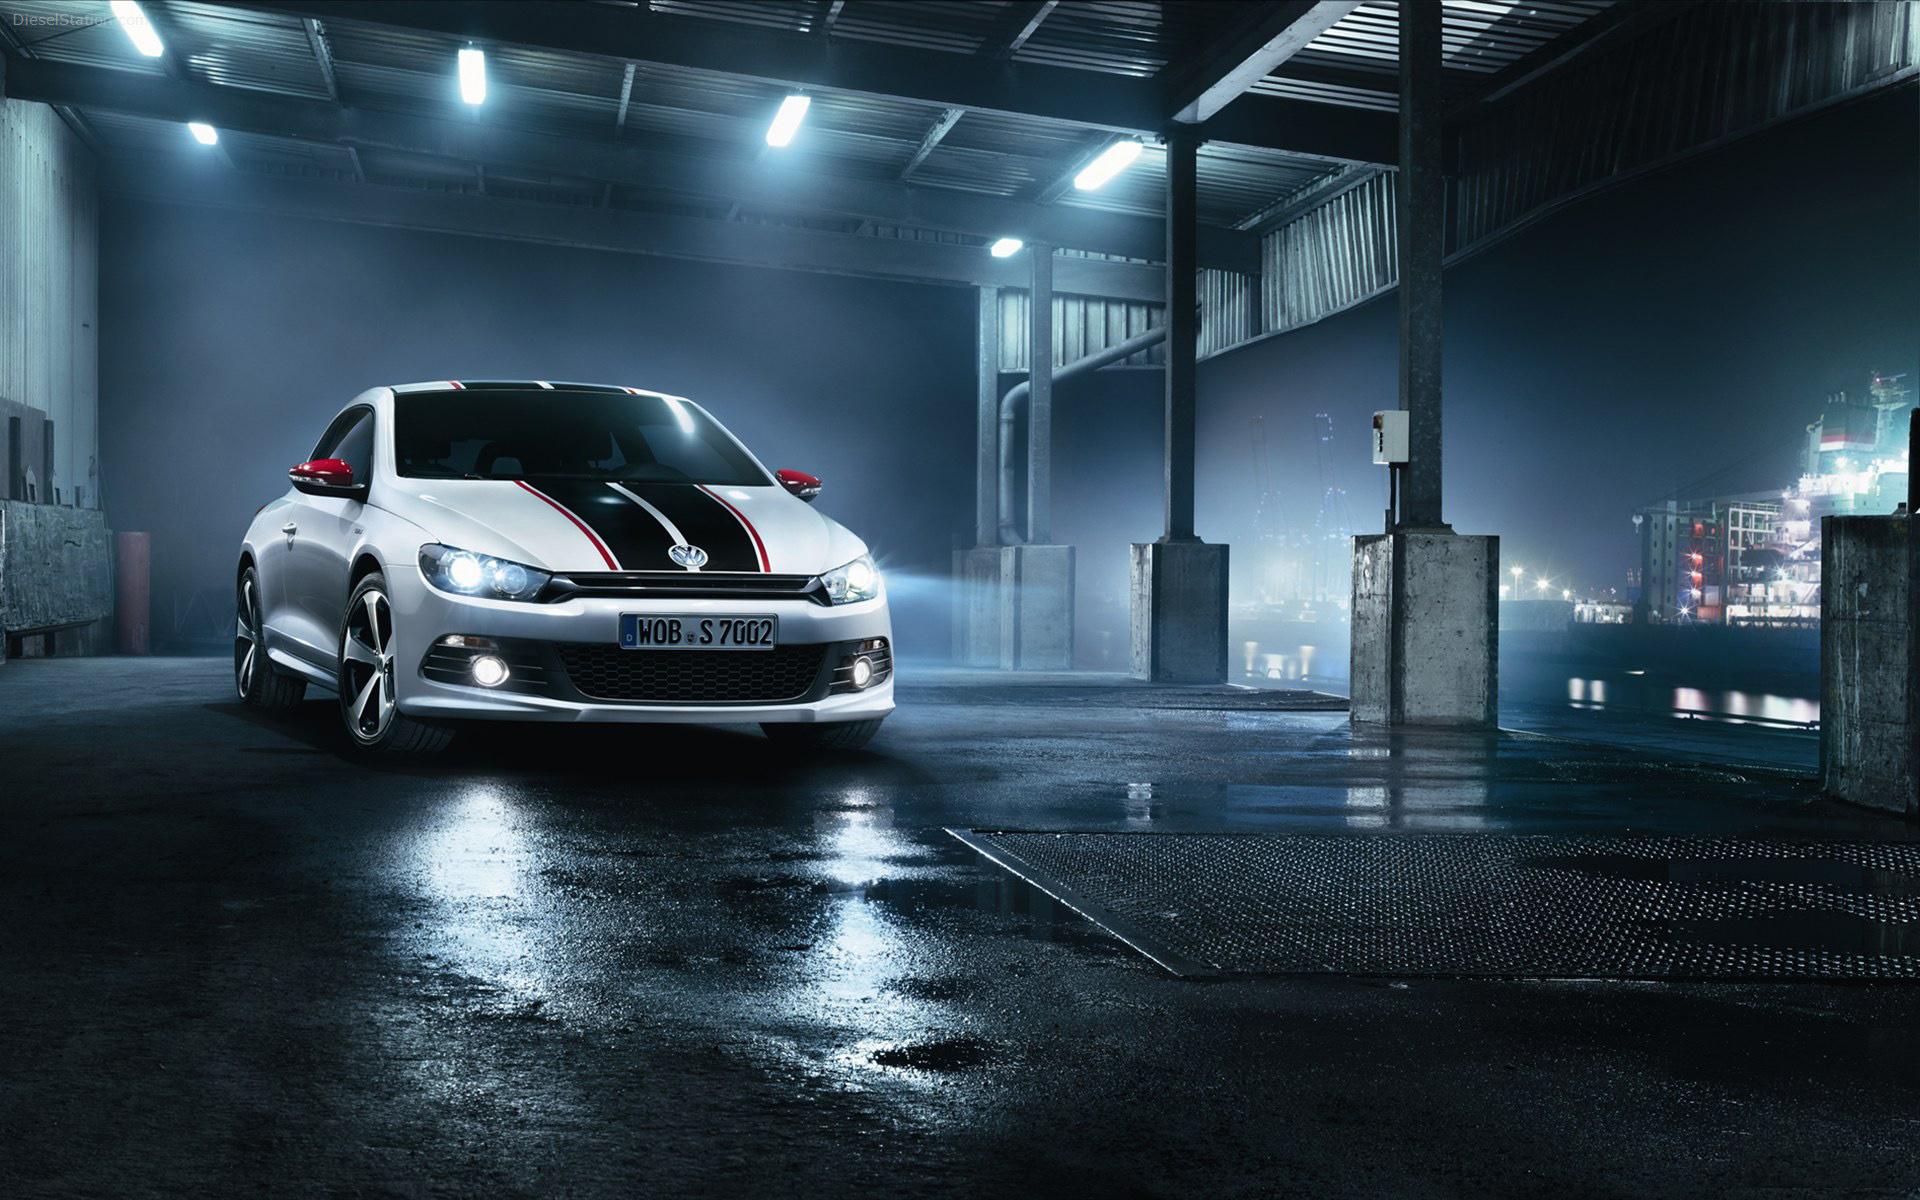 2013 Volkswagen Scirocco GTS Wallpaper HD Car Wallpapers 1920x1200